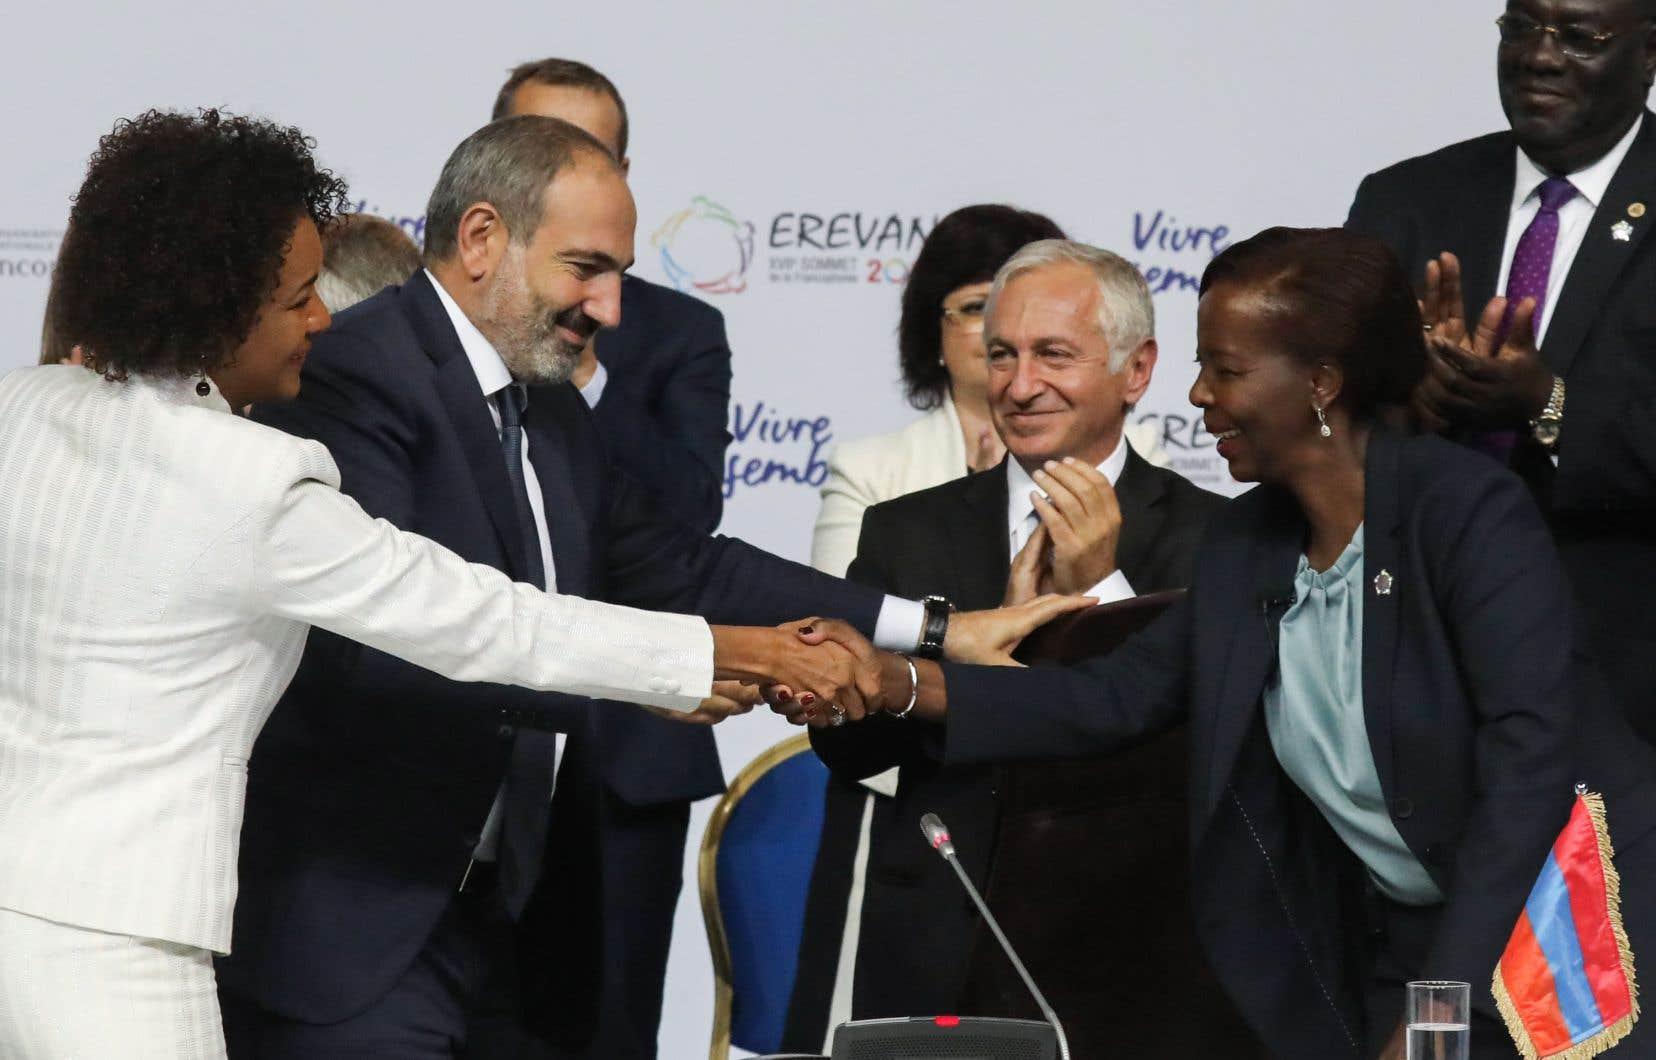 Le XVIIe Sommet de la Francophonie s'est terminé par l'élection de la Rwandaise Louise Mushikiwabo au secrétariat général de l'Organisation internationale de la Francophonie (OIF).